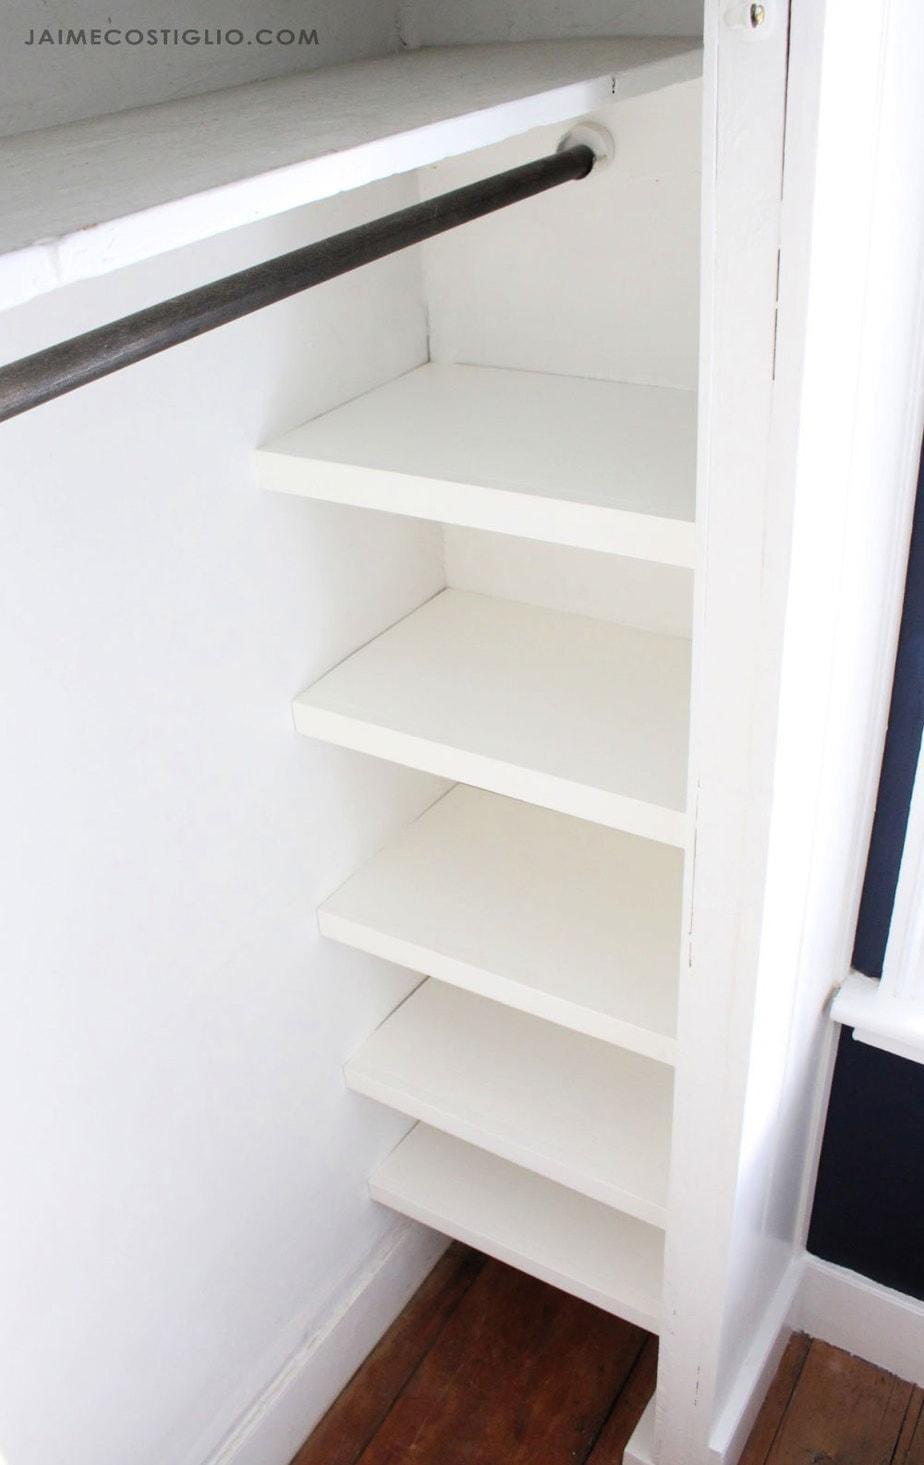 23. DIY Simple Closet Shelves